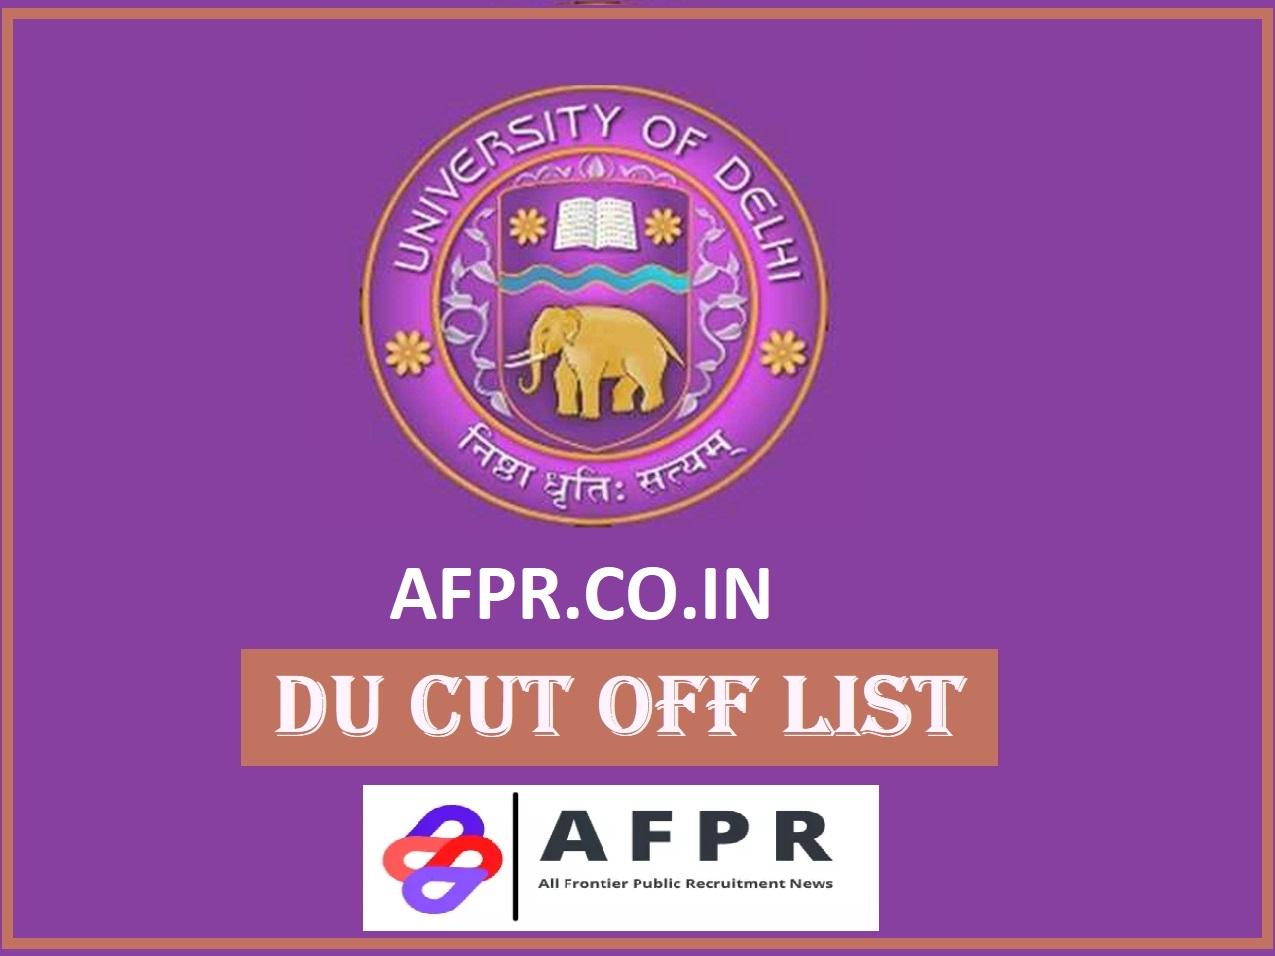 Du 1St Cut-Off List 2021